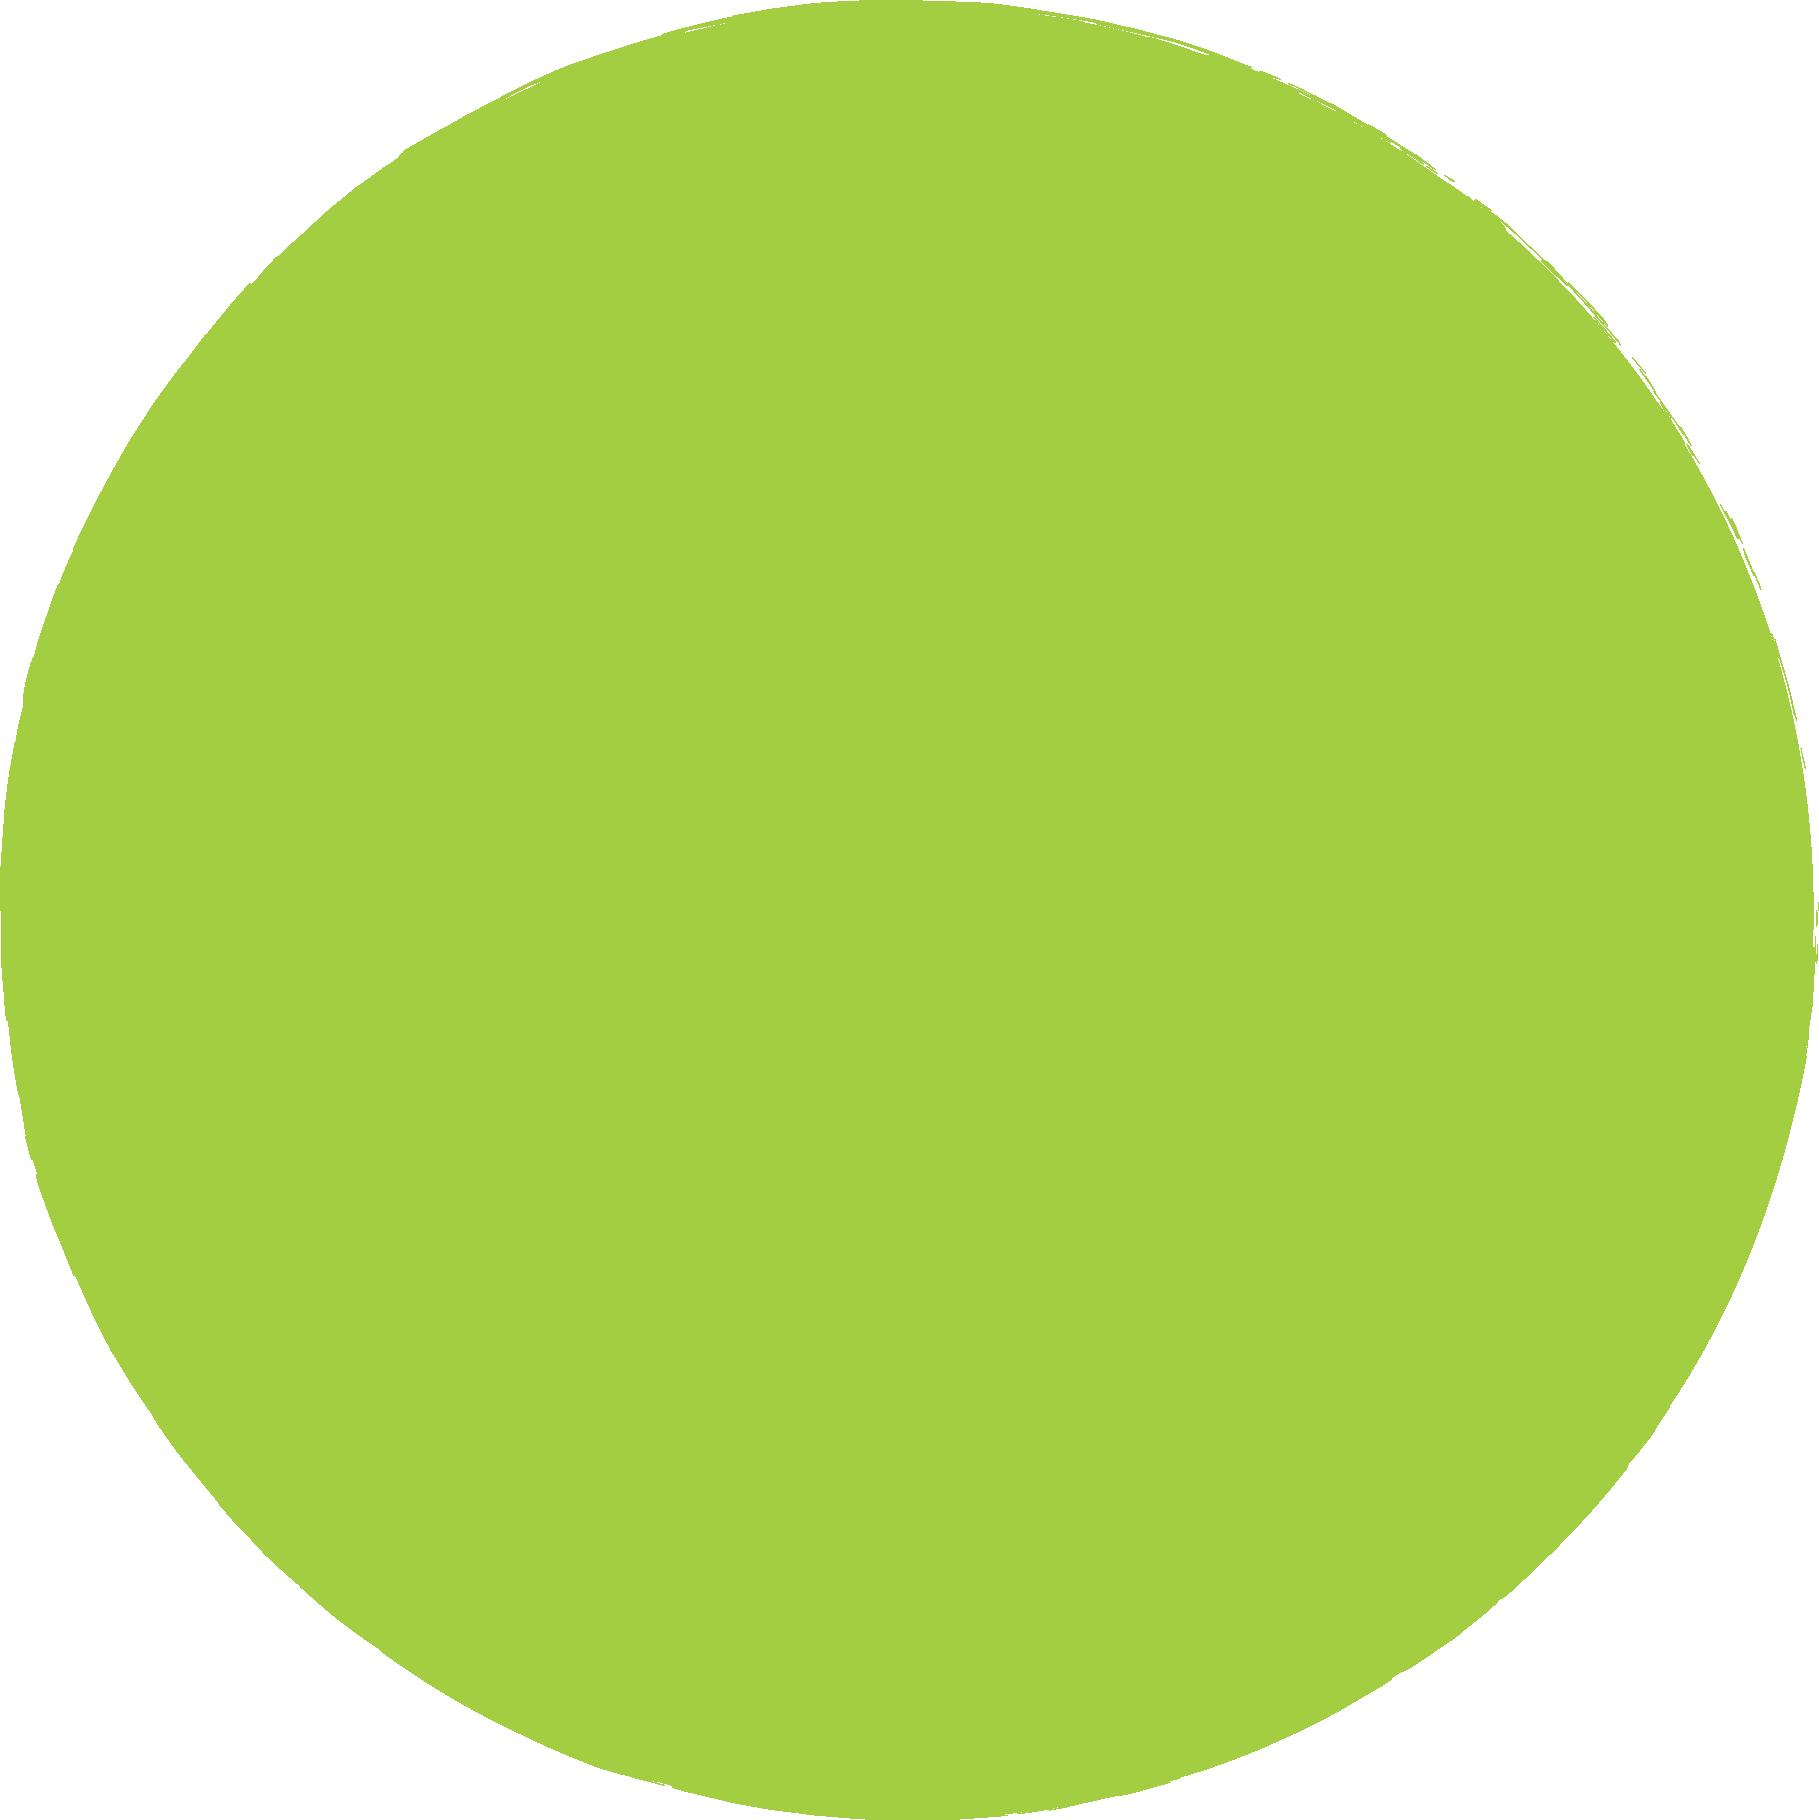 cerchio verde chiaro